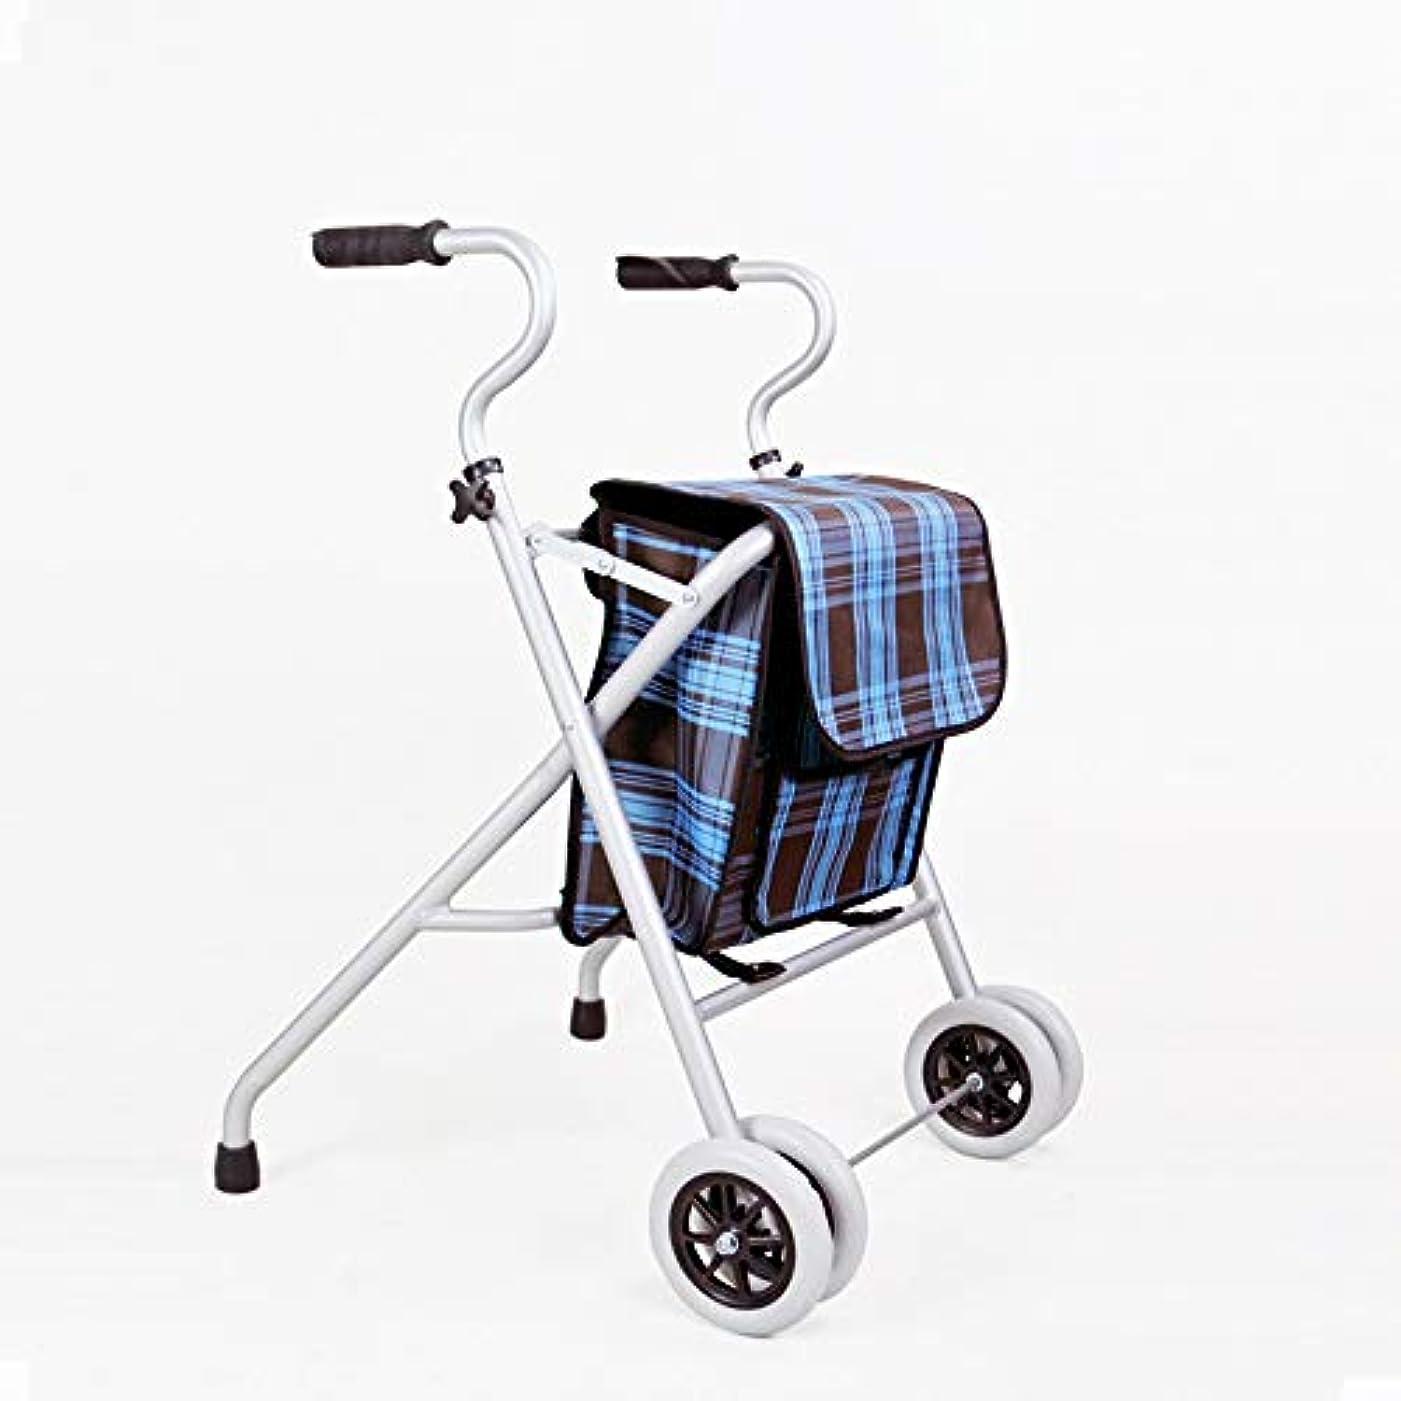 ブリード母音レンダリングキャリーバッグ付き軽量アルミニウム折りたたみ式歩行器、高さ調節可能、移動補助具